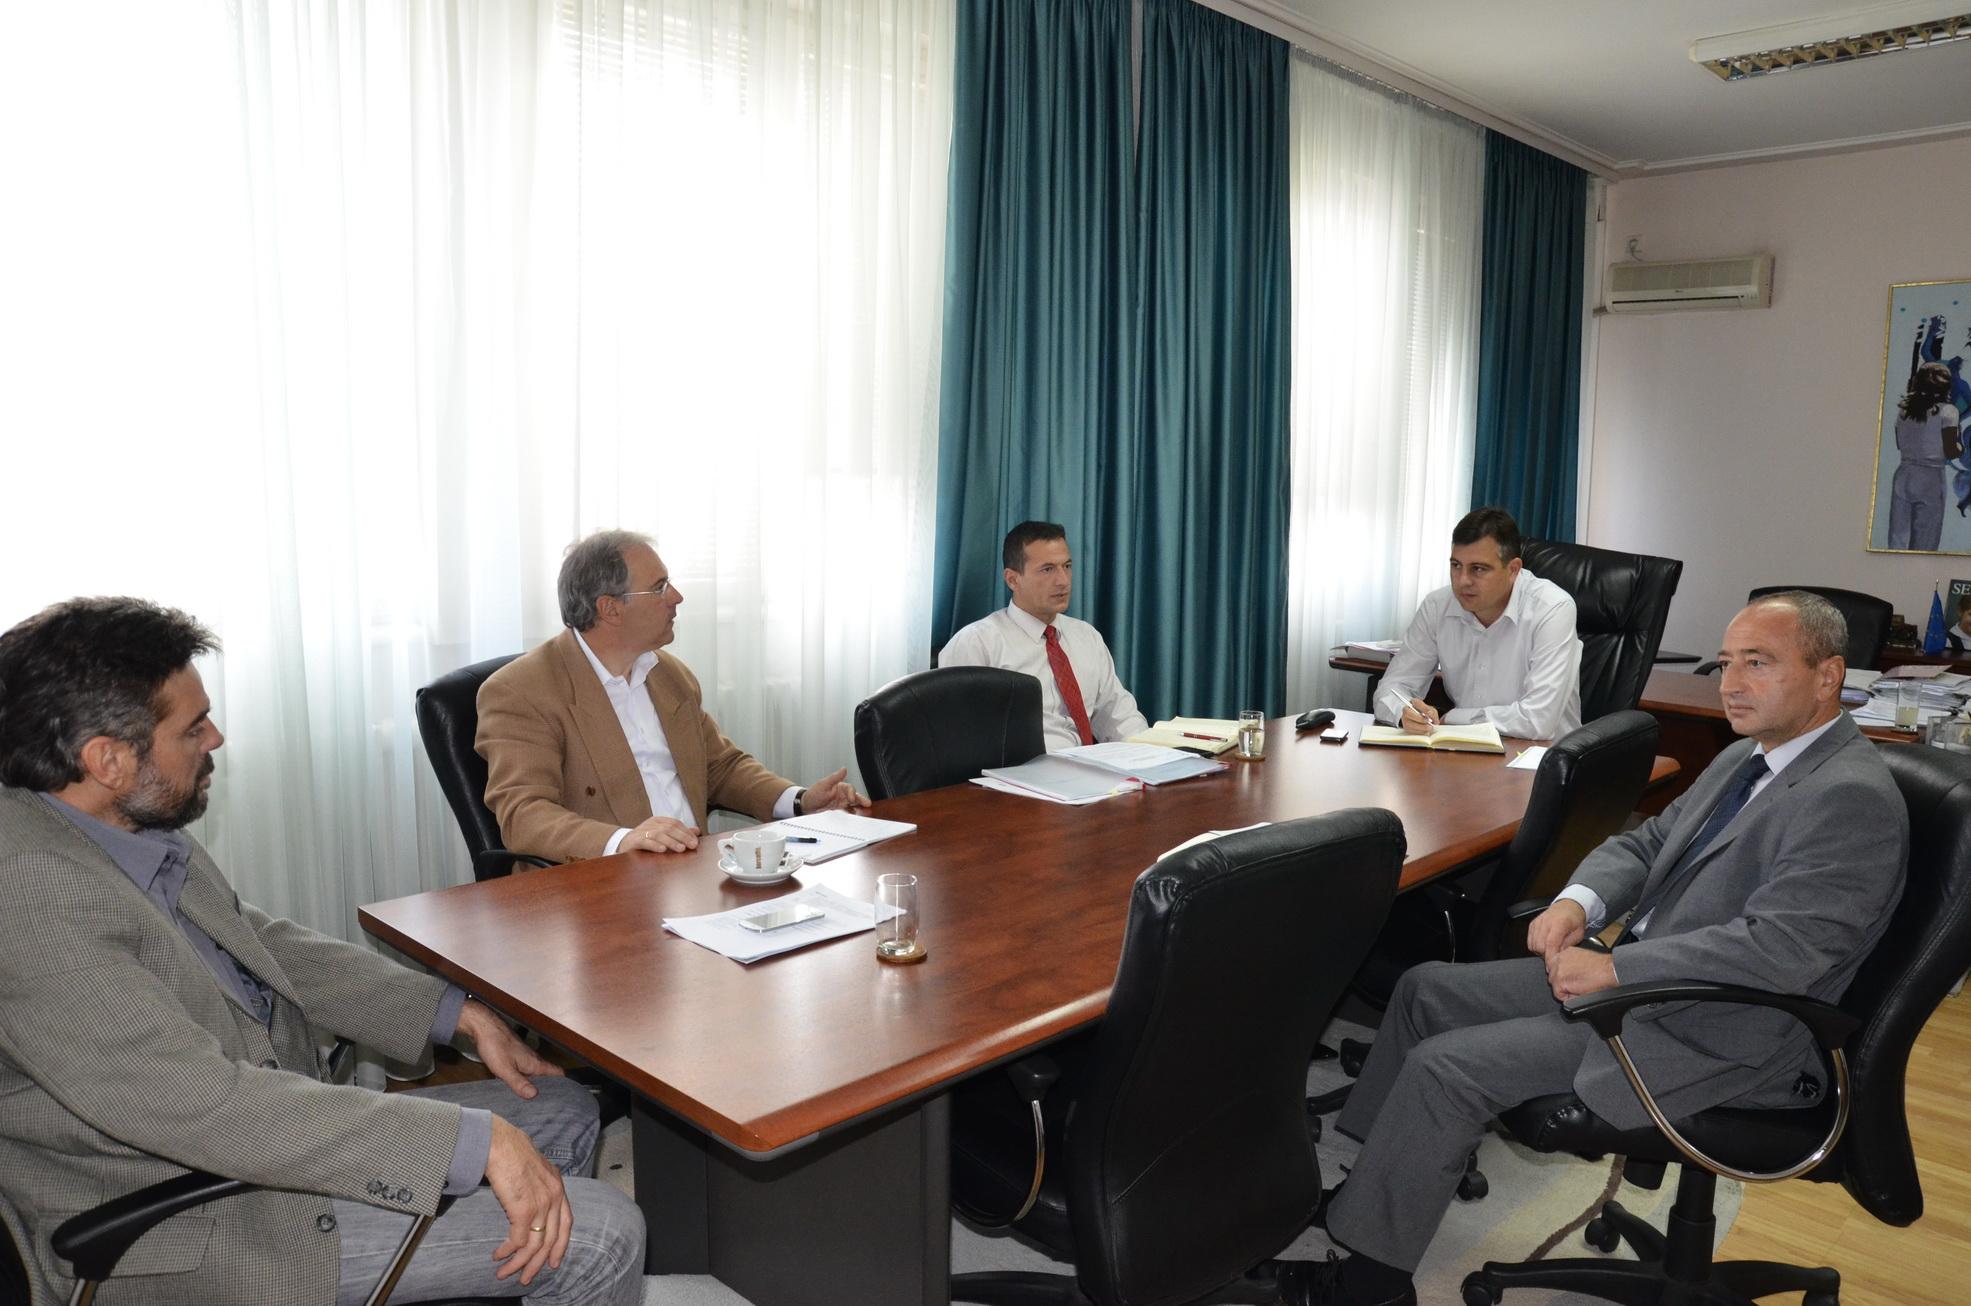 """Photo of Novoizabrani direktori javnih preduzeća na prvom """"brifingu"""" kod predsednika opštine"""